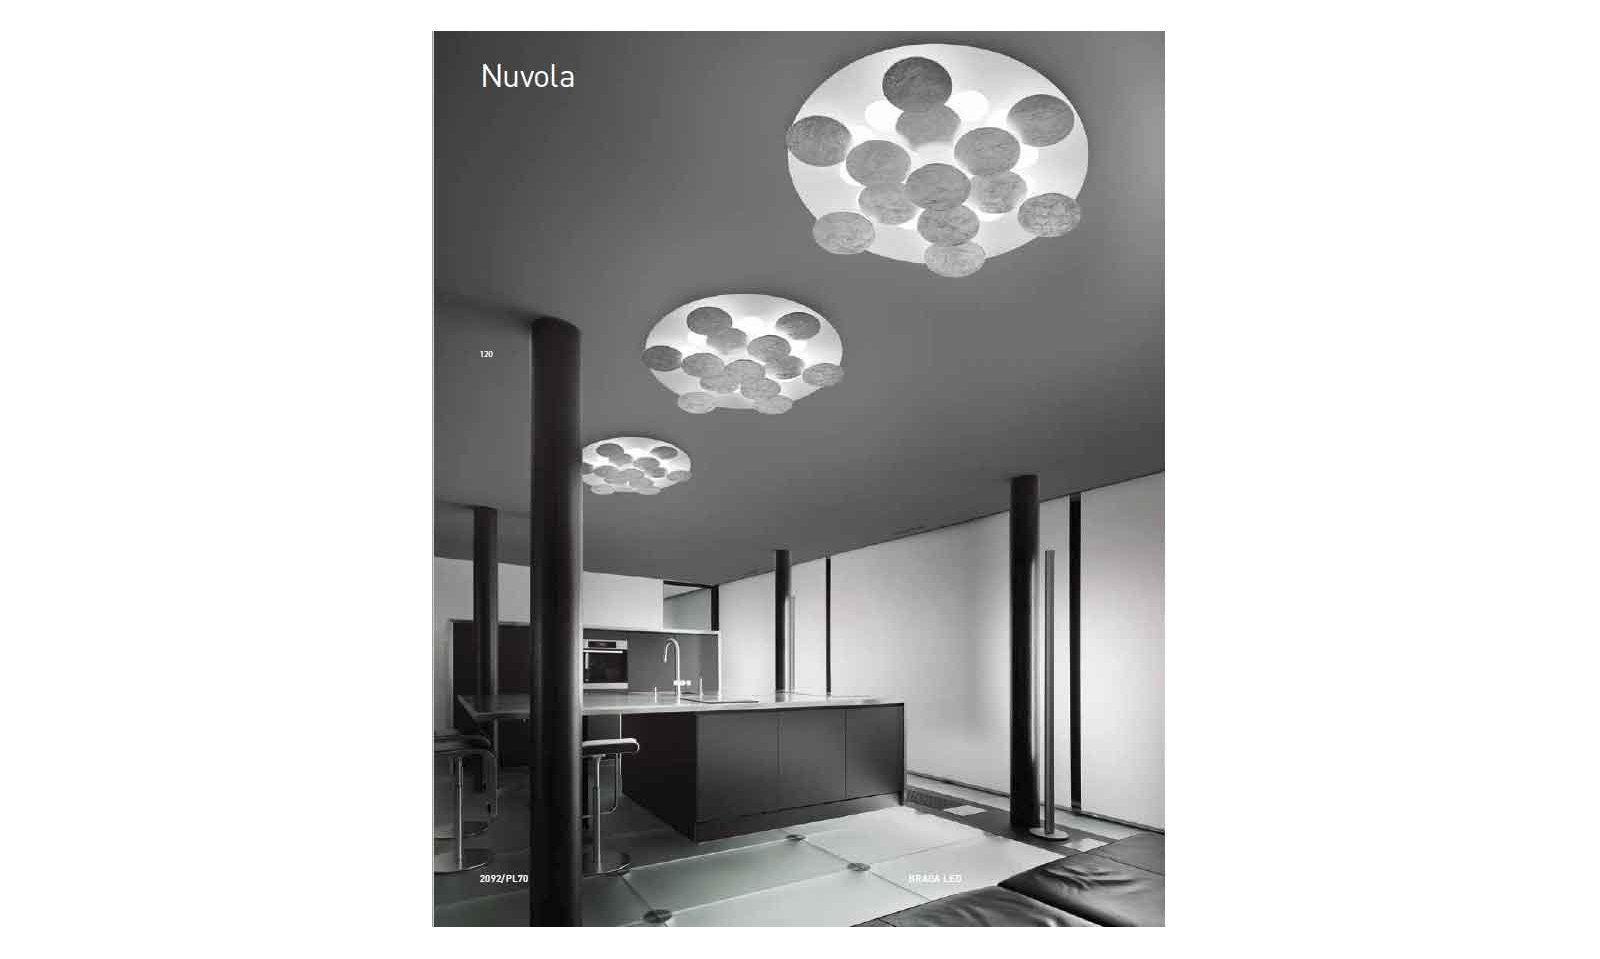 Plafoniera nuvola plafoniera con luce notturna lampade applique